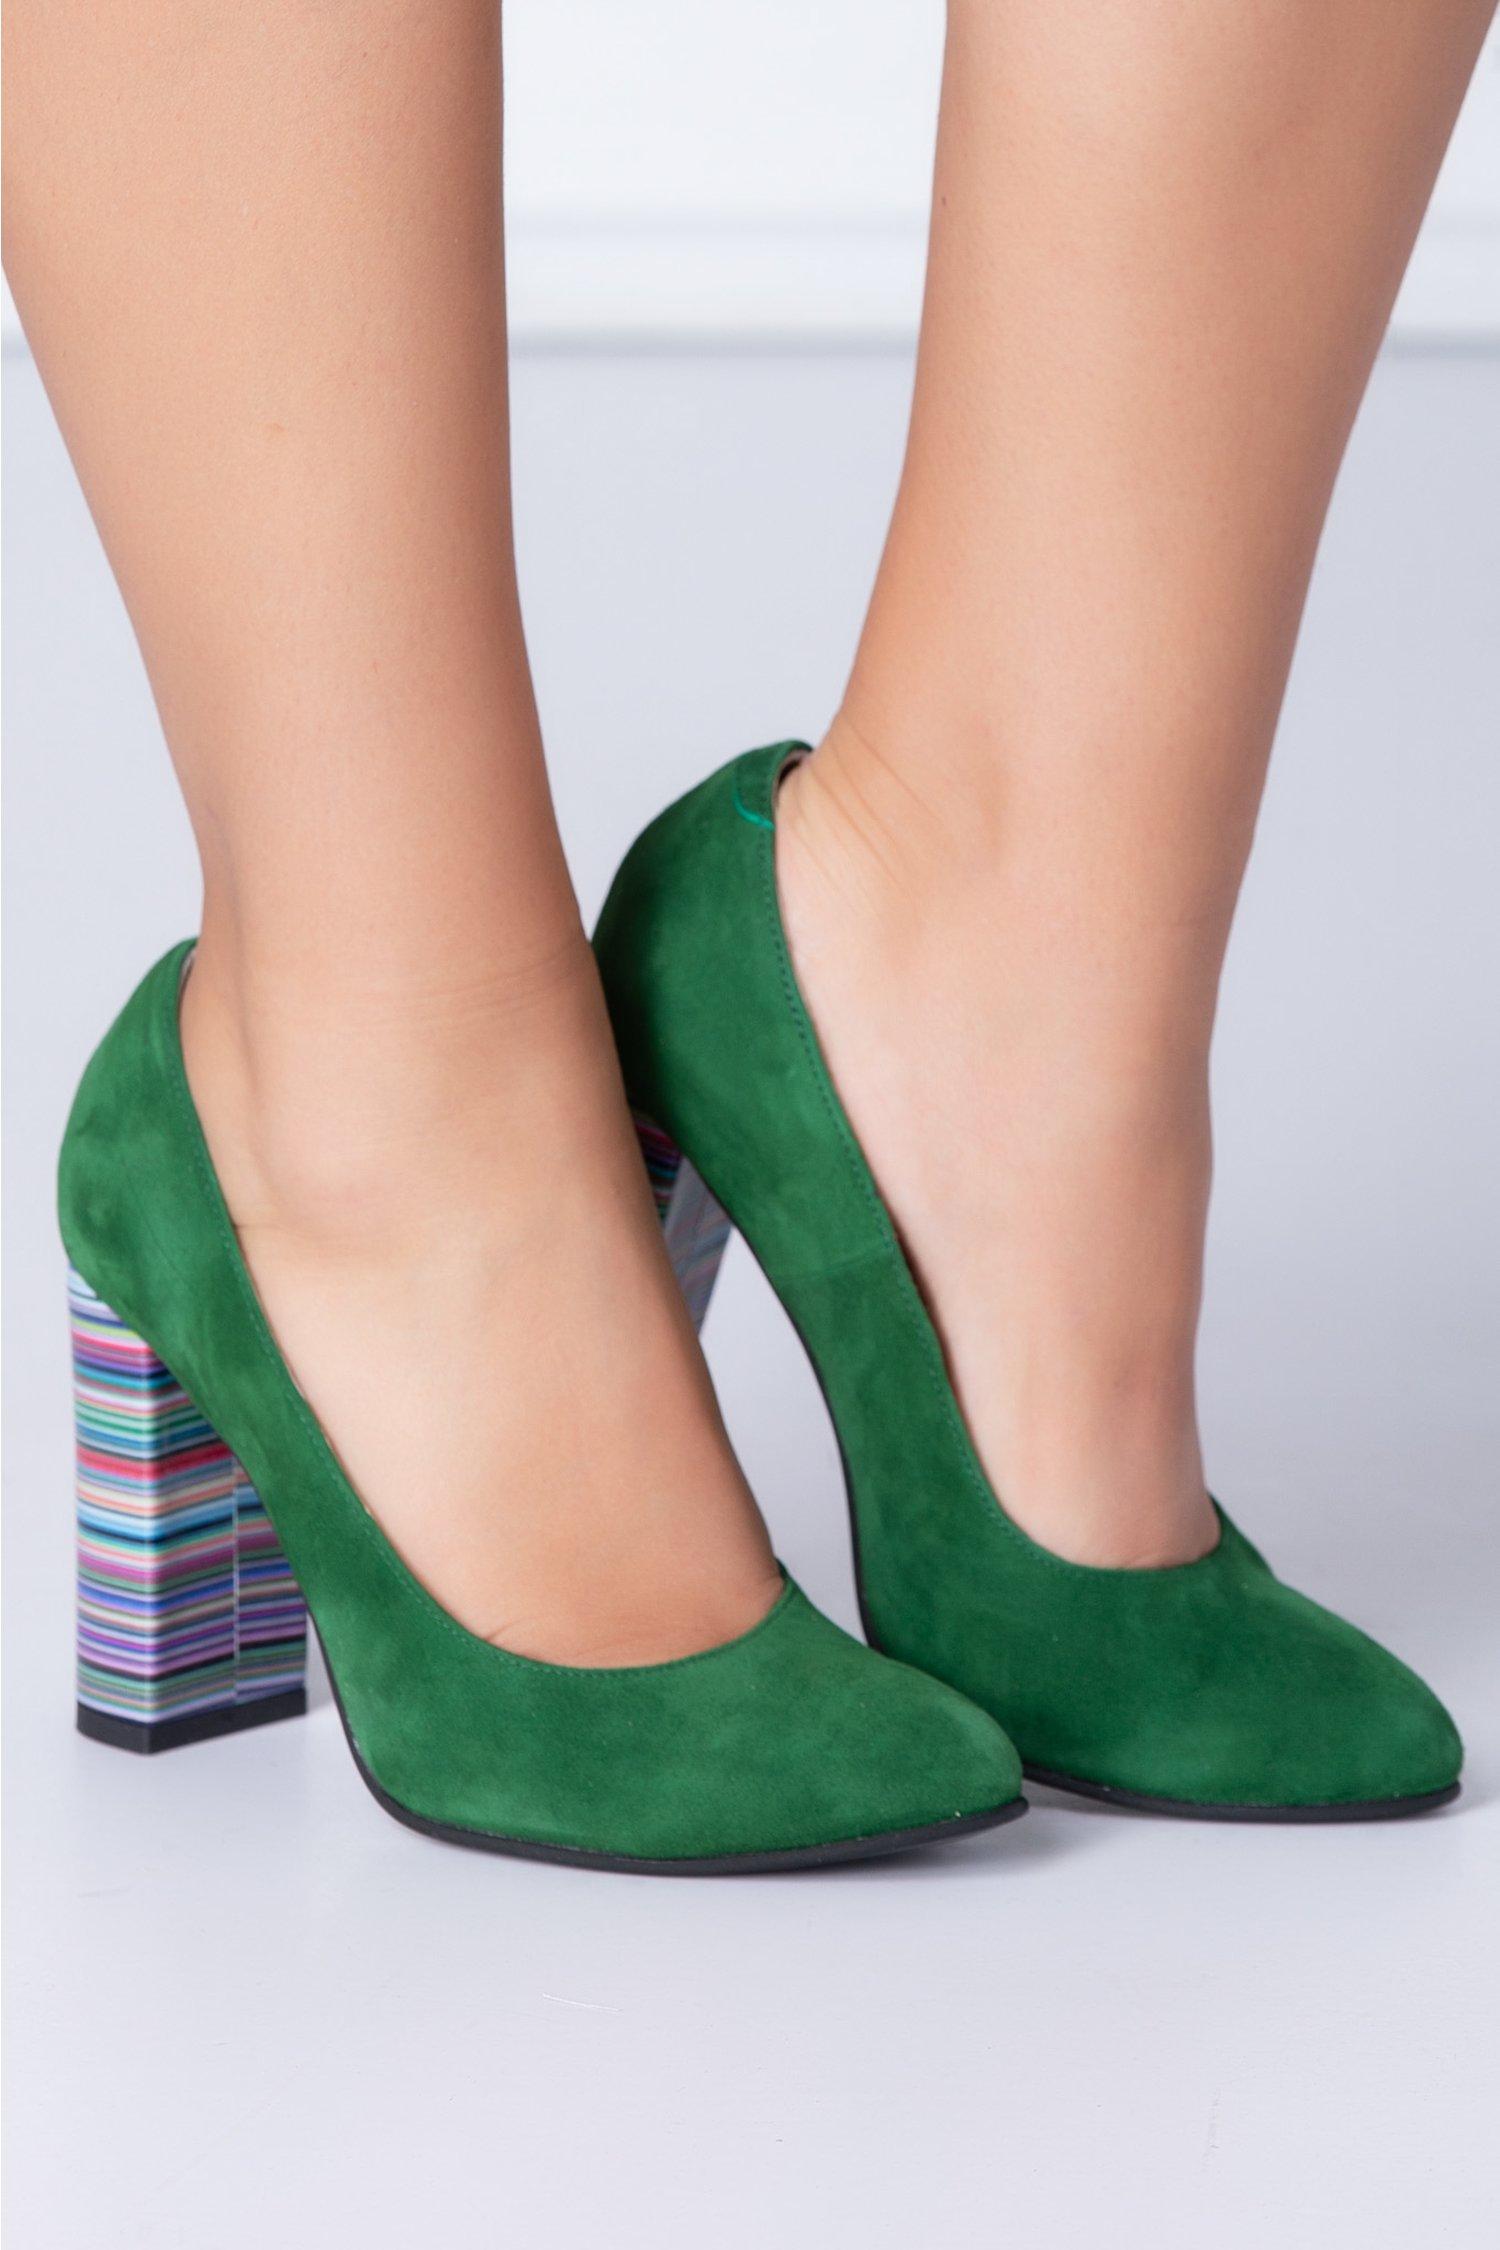 Pantofi dama din piele intoarsa verzi cu dungi coloratepe toc